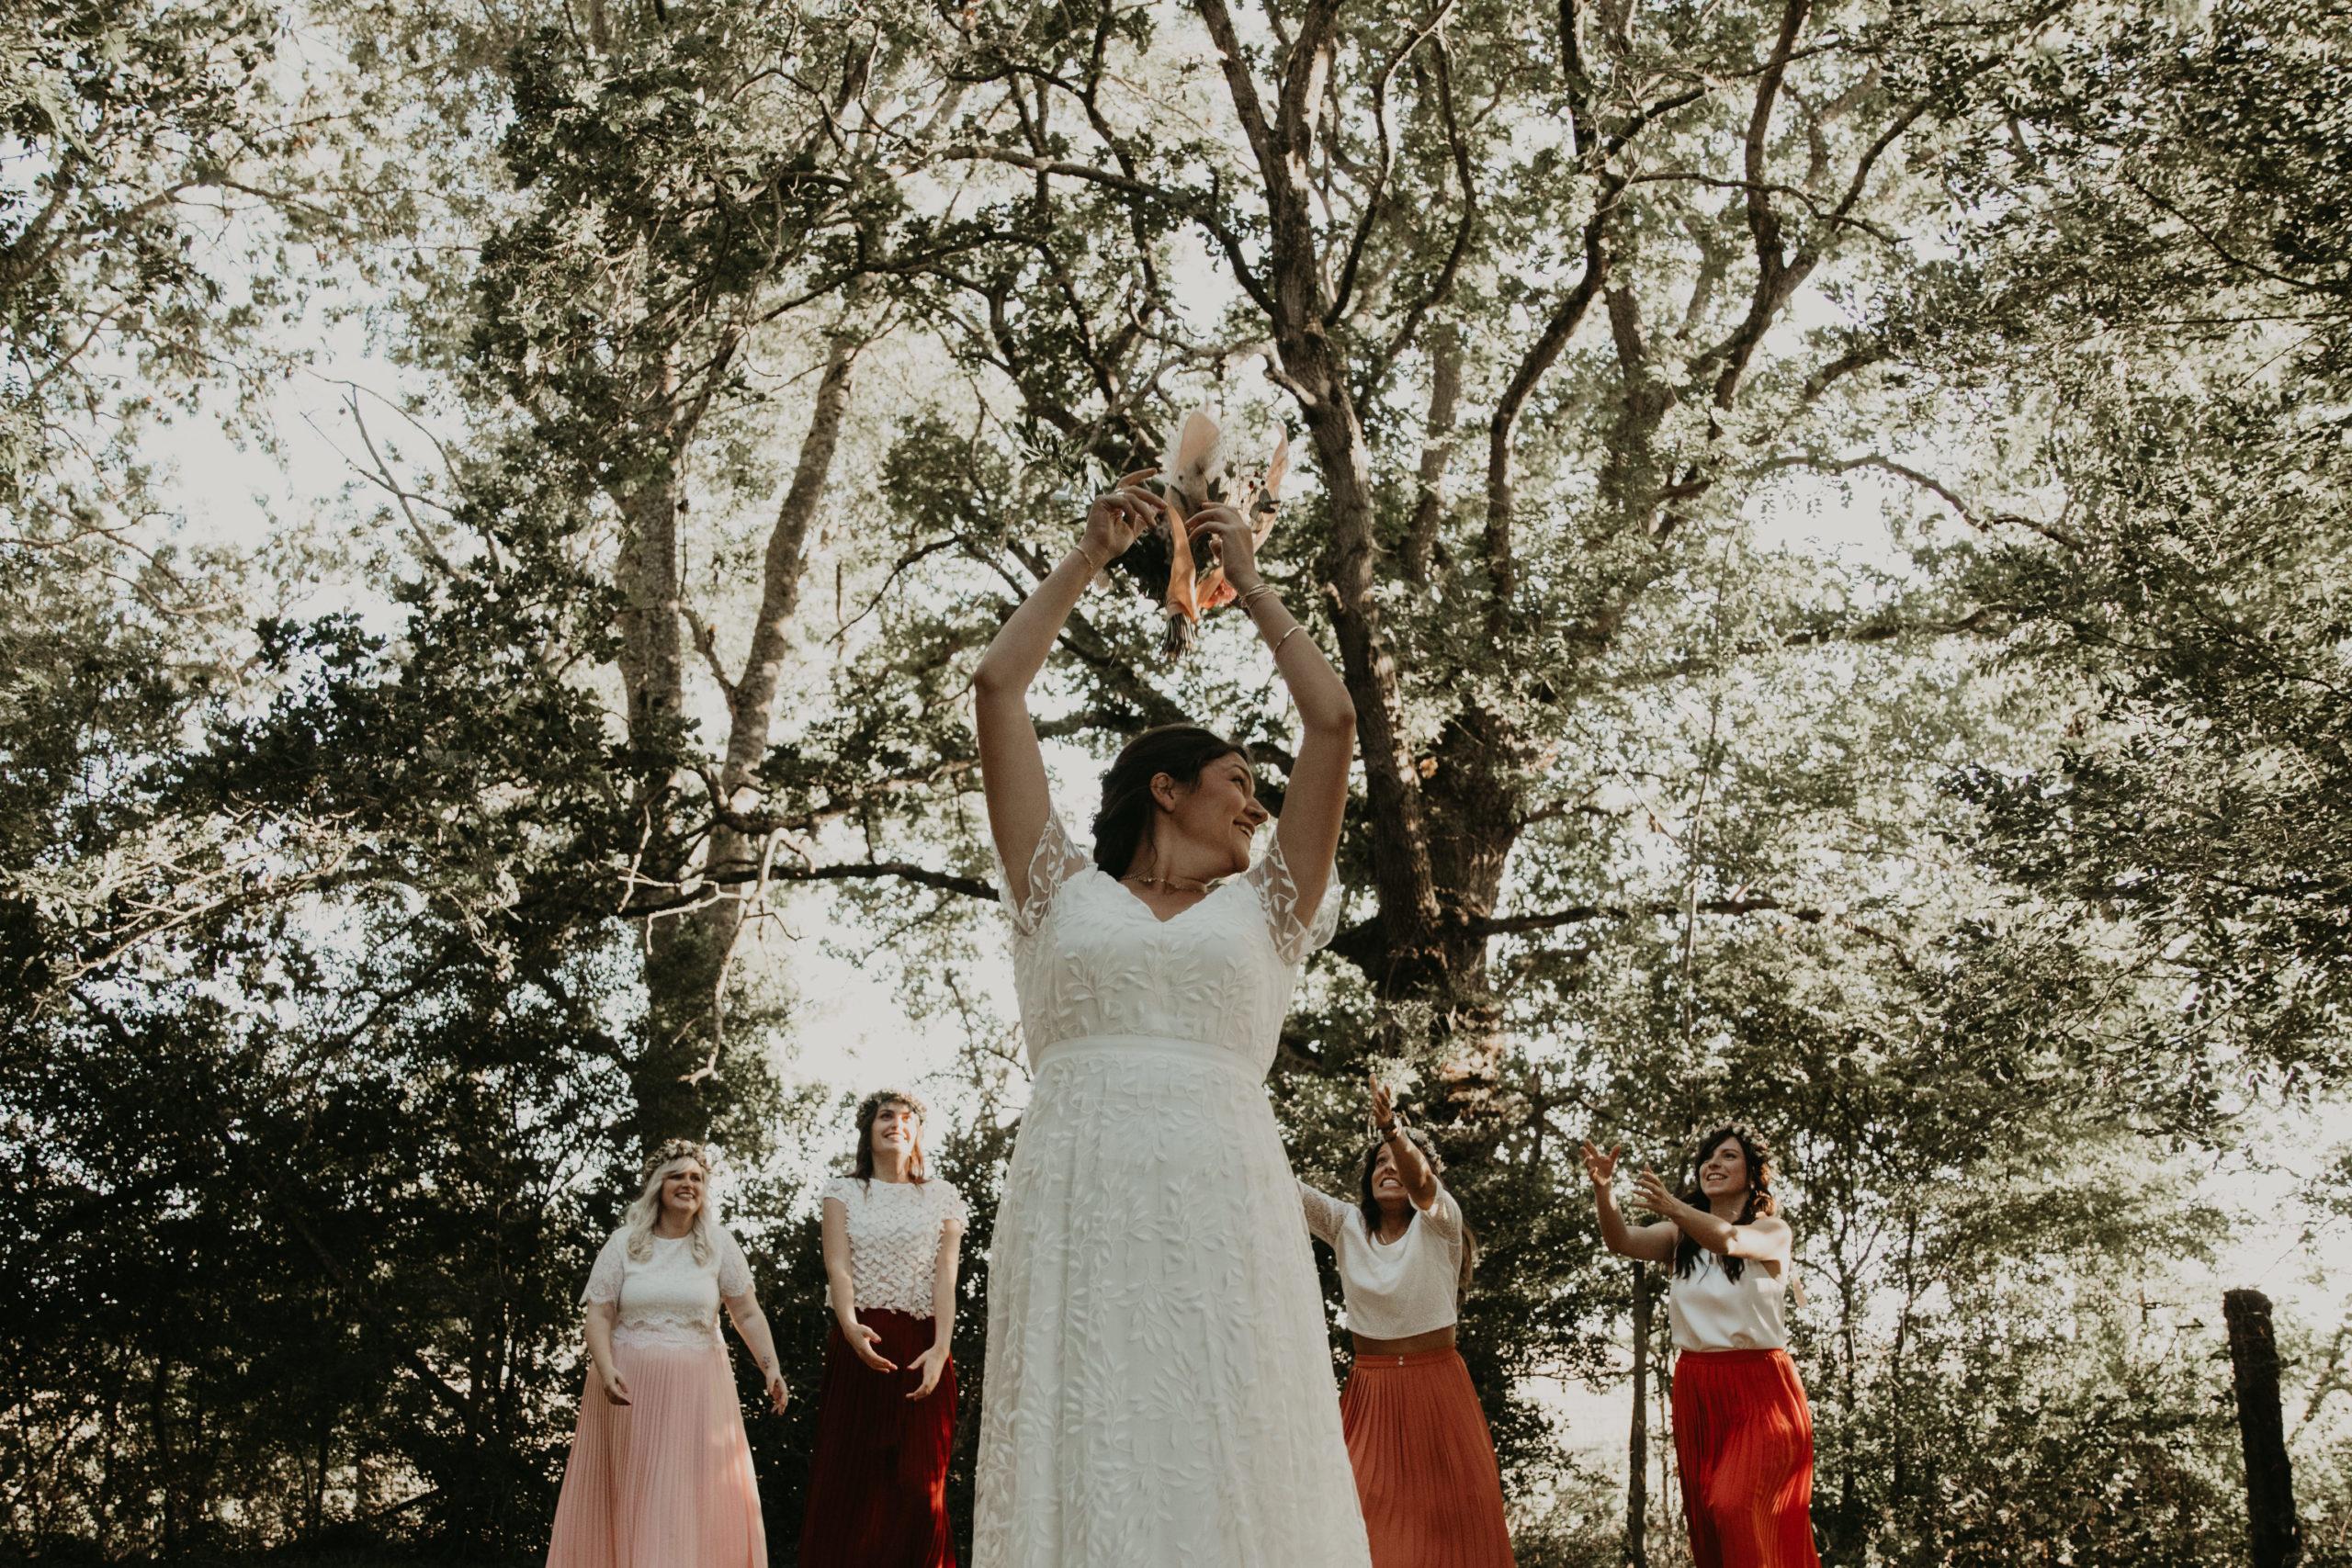 lancé de bouquet cérémonie maison solstice